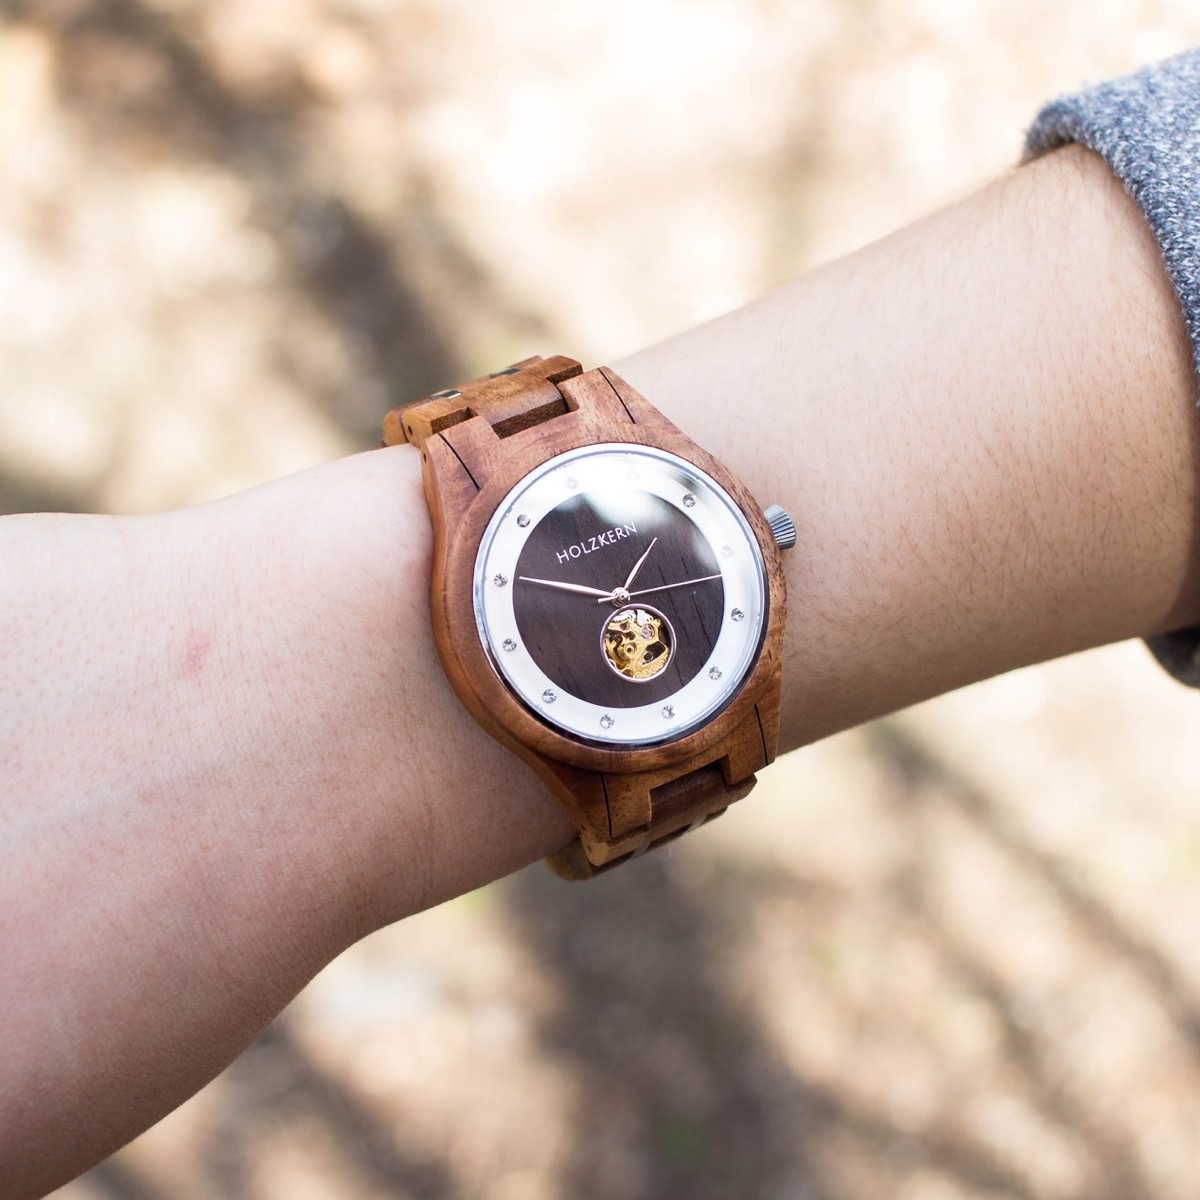 Holzuhr mit mechanischem Uhrwerk der Firma Holzkern aus Walnuss und Leadwood auf Damenhandgelenk